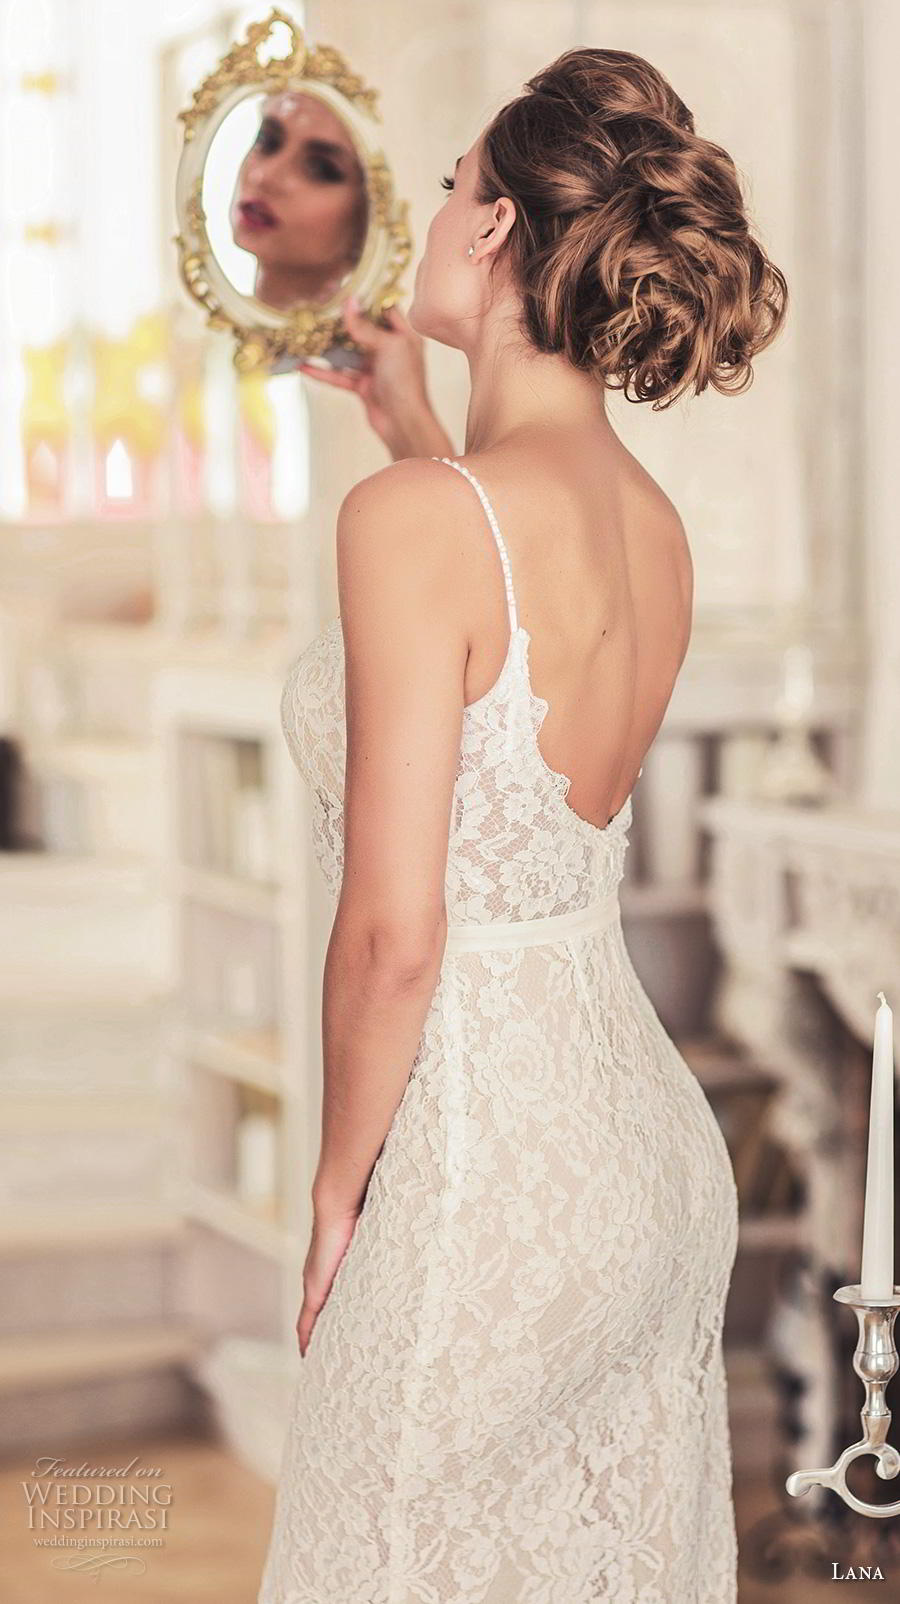 lana 2018 bridal spaghetti strap sweetheart neckline full embellishment slit skirt elegant romantic sheath wedding dress a  line overskirt open scoop back chapel train (10) bv